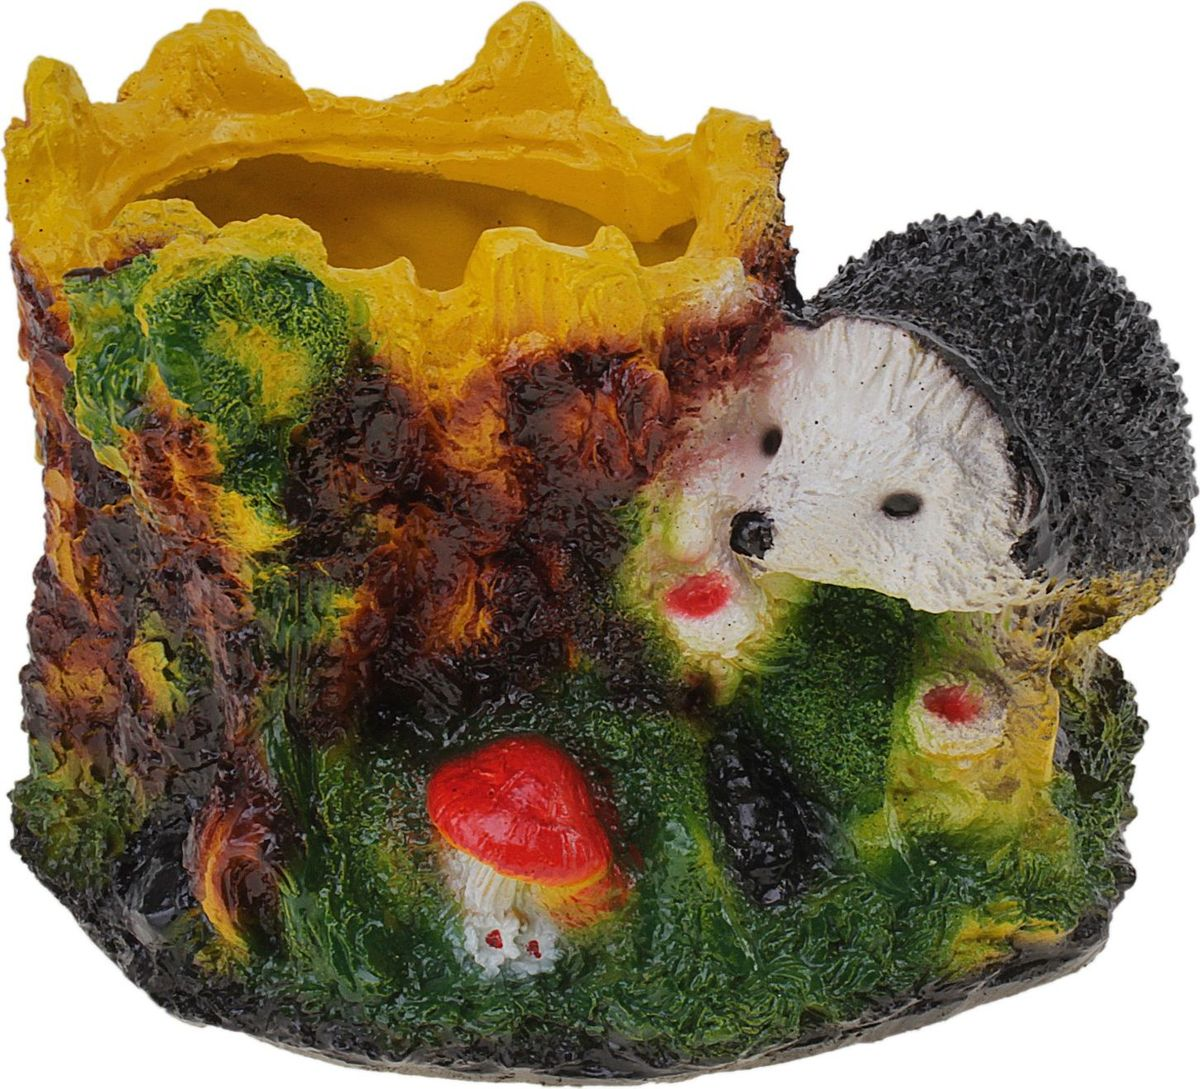 Кашпо Еж, 21 х 24 х 17 см628375Комнатные растения — всеобщие любимцы. Они радуют глаз, насыщают помещение кислородом и украшают пространство. Каждому из растений необходим свой удобный и красивый дом. Поселите зелёного питомца в яркое и оригинальное фигурное кашпо. Выберите подходящую форму для детской, спальни, гостиной, балкона, офиса или террасы. #name# позаботится о растении, украсит окружающее пространство и подчеркнёт его оригинальный стиль.